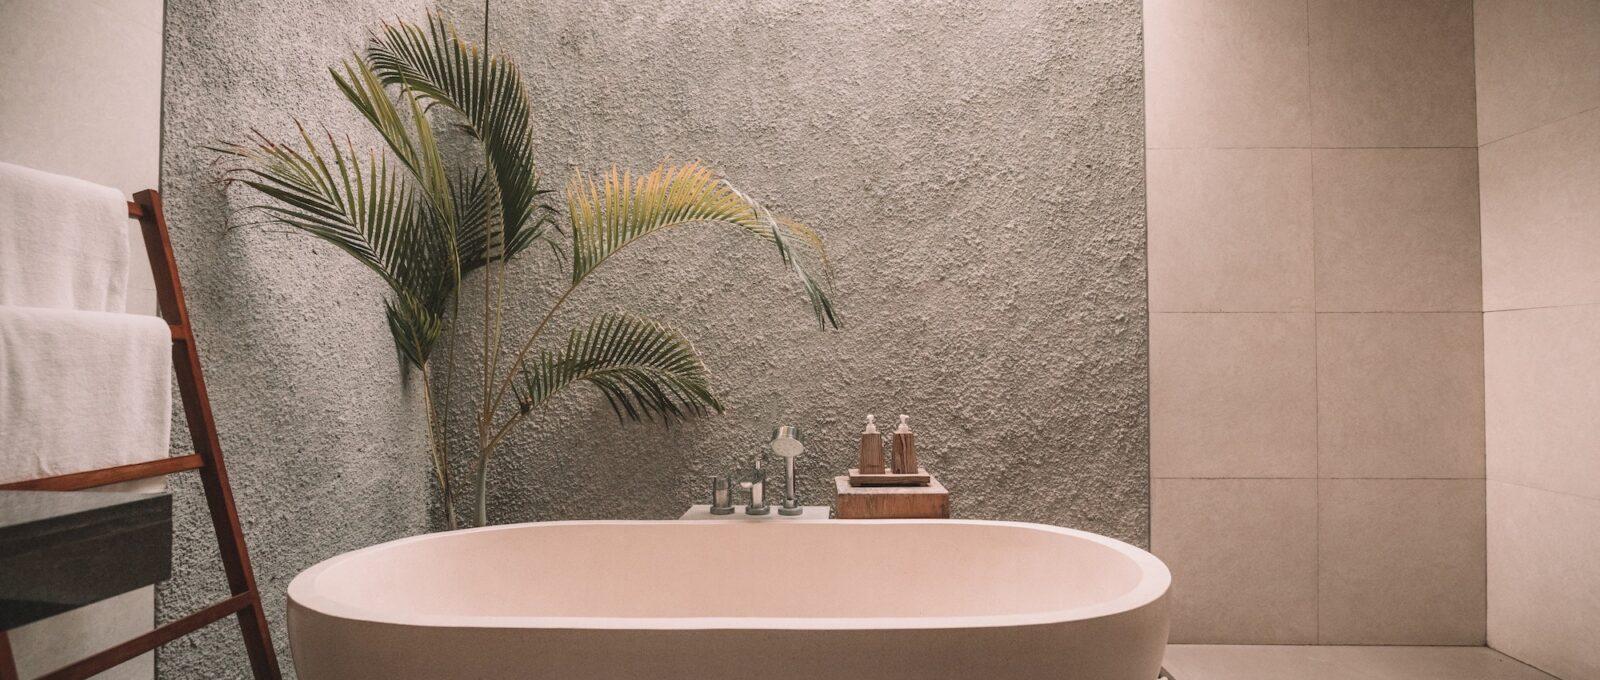 Woonatelier_Nieuwe badkamer hoe pak je het aan